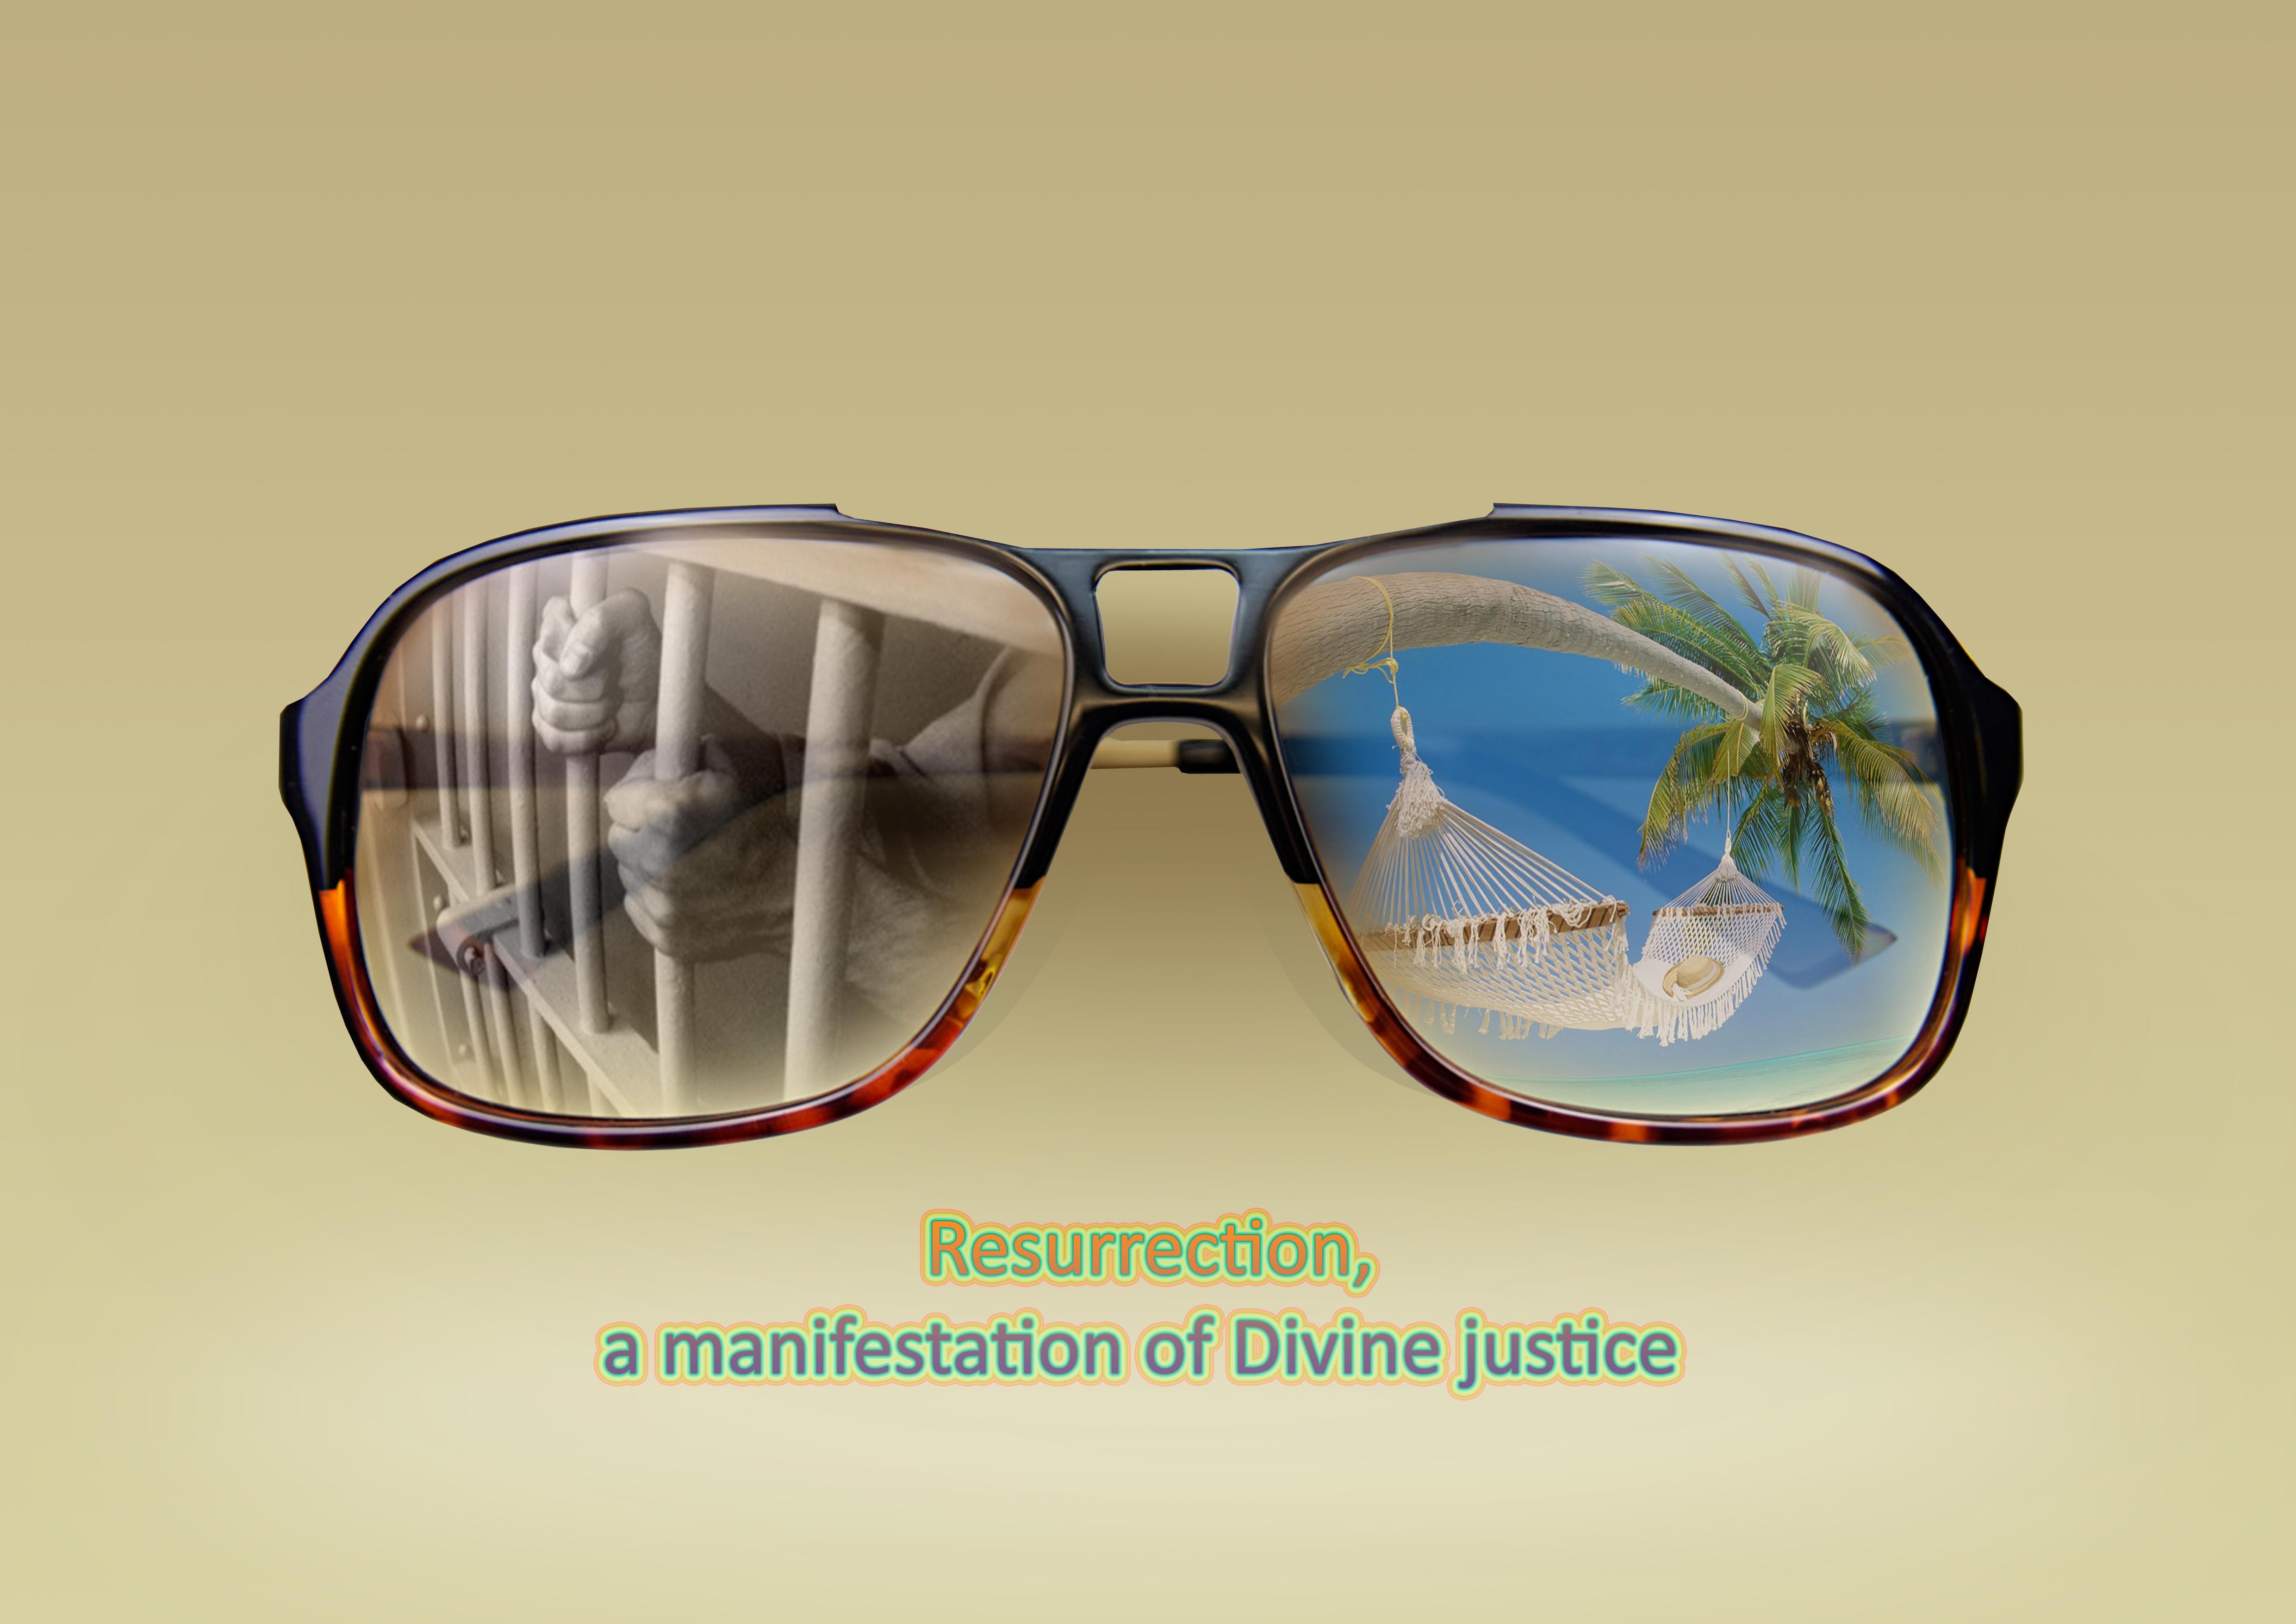 Resurrection, a Manifestation  of Divine Justice